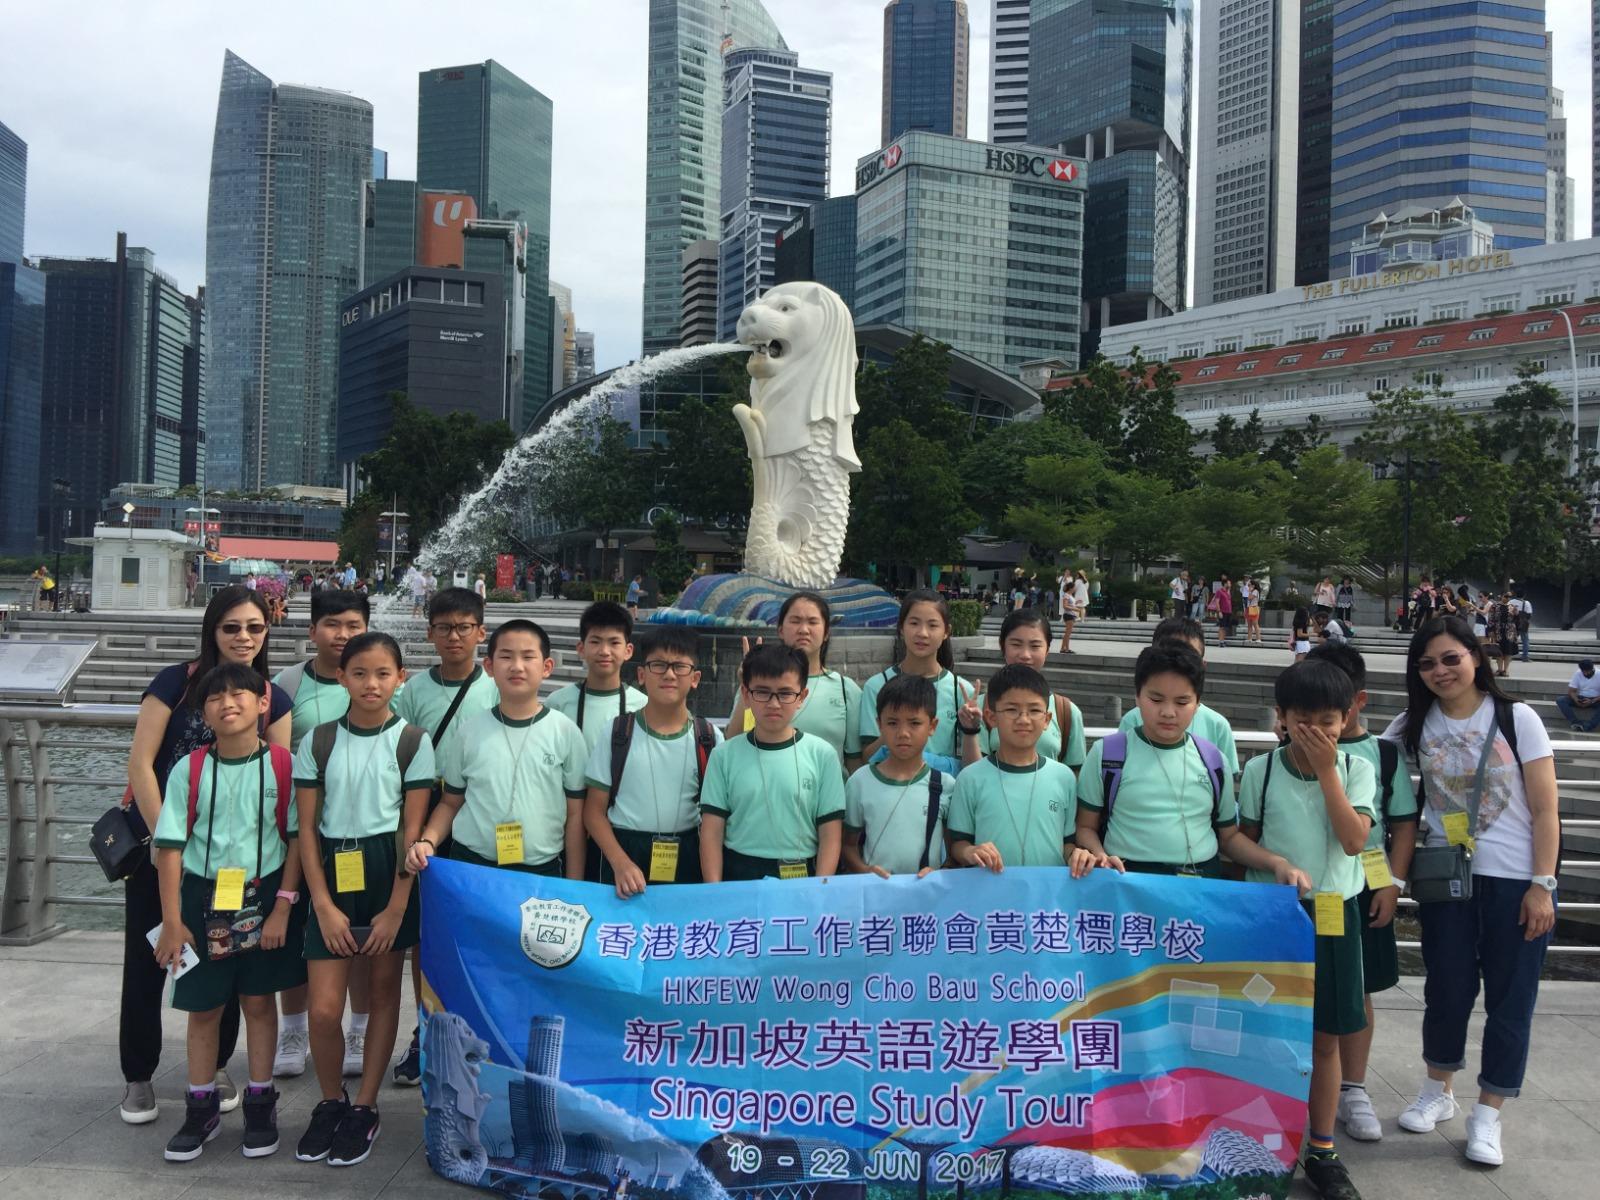 同學參加新加坡交流團,從中學習英語。